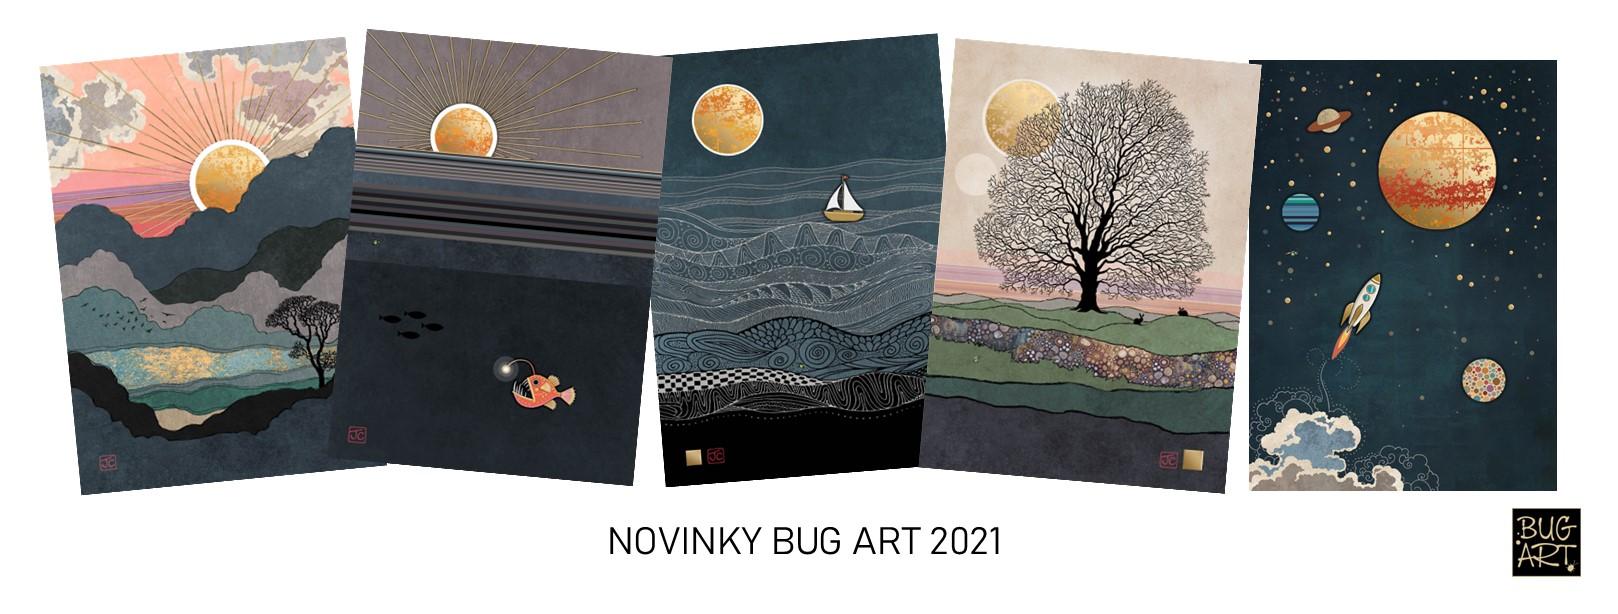 NOVNIKY BUG ART SCENIC RANGE